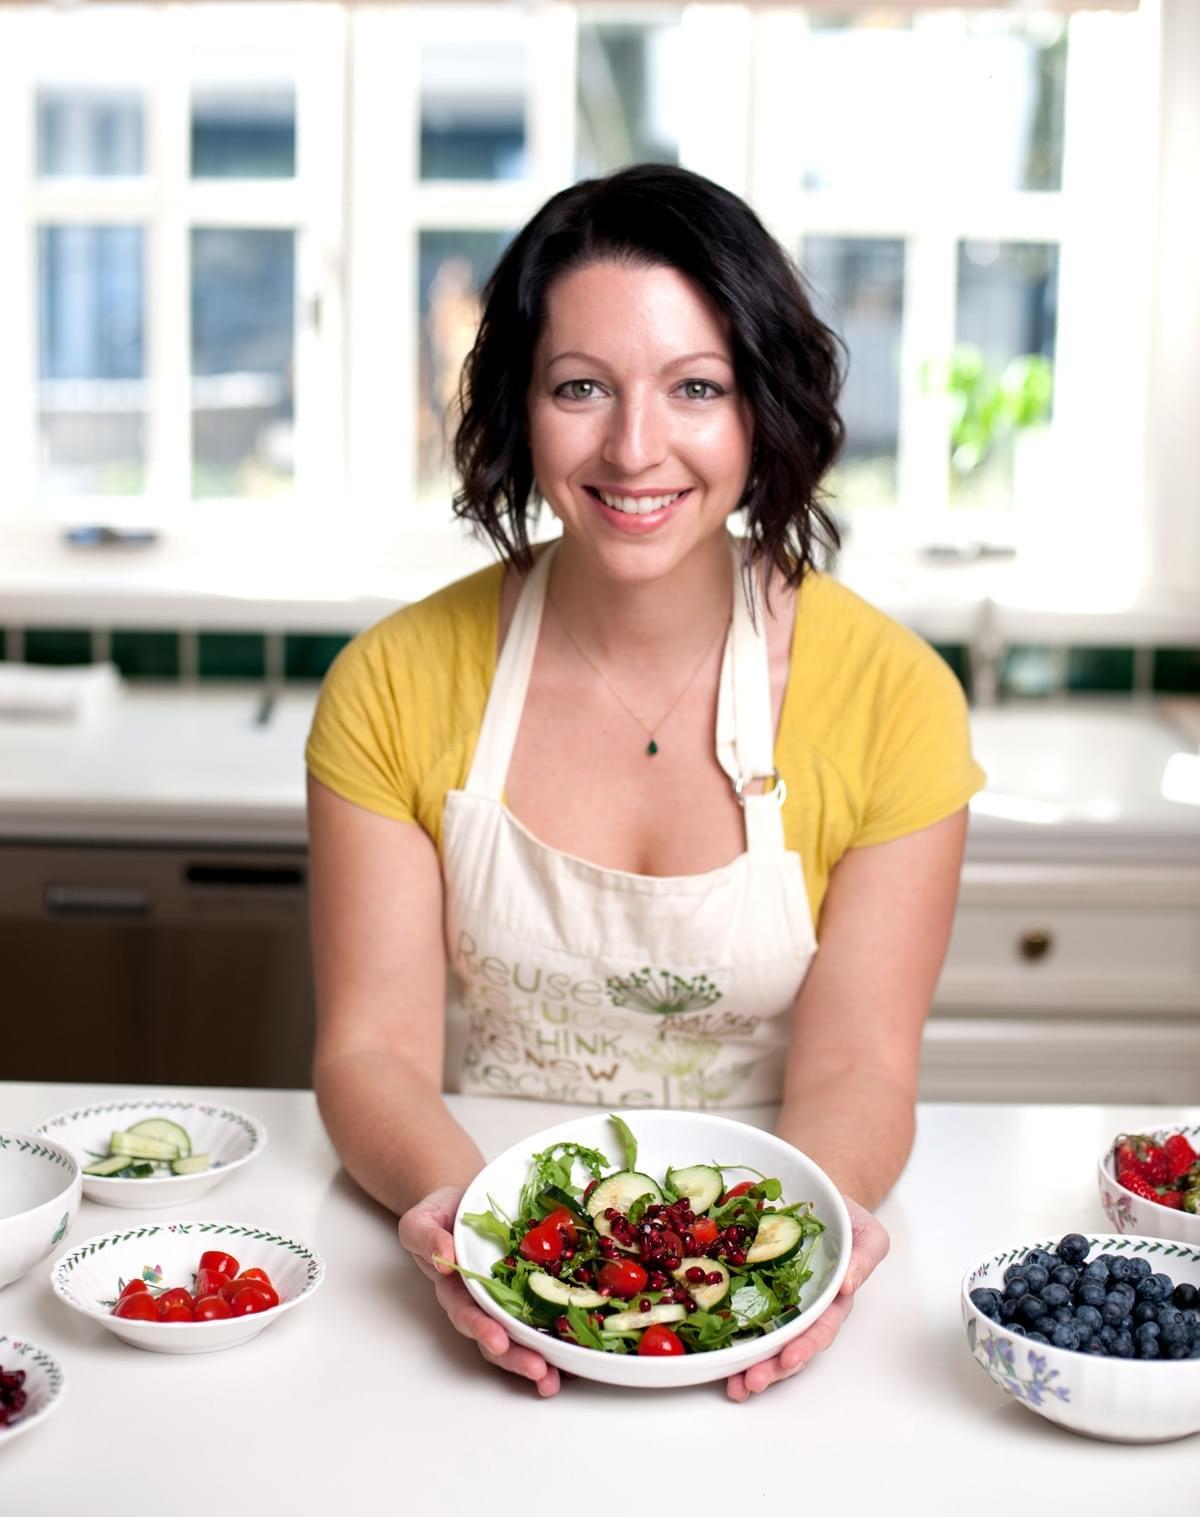 Jennifer Fugo with a salad